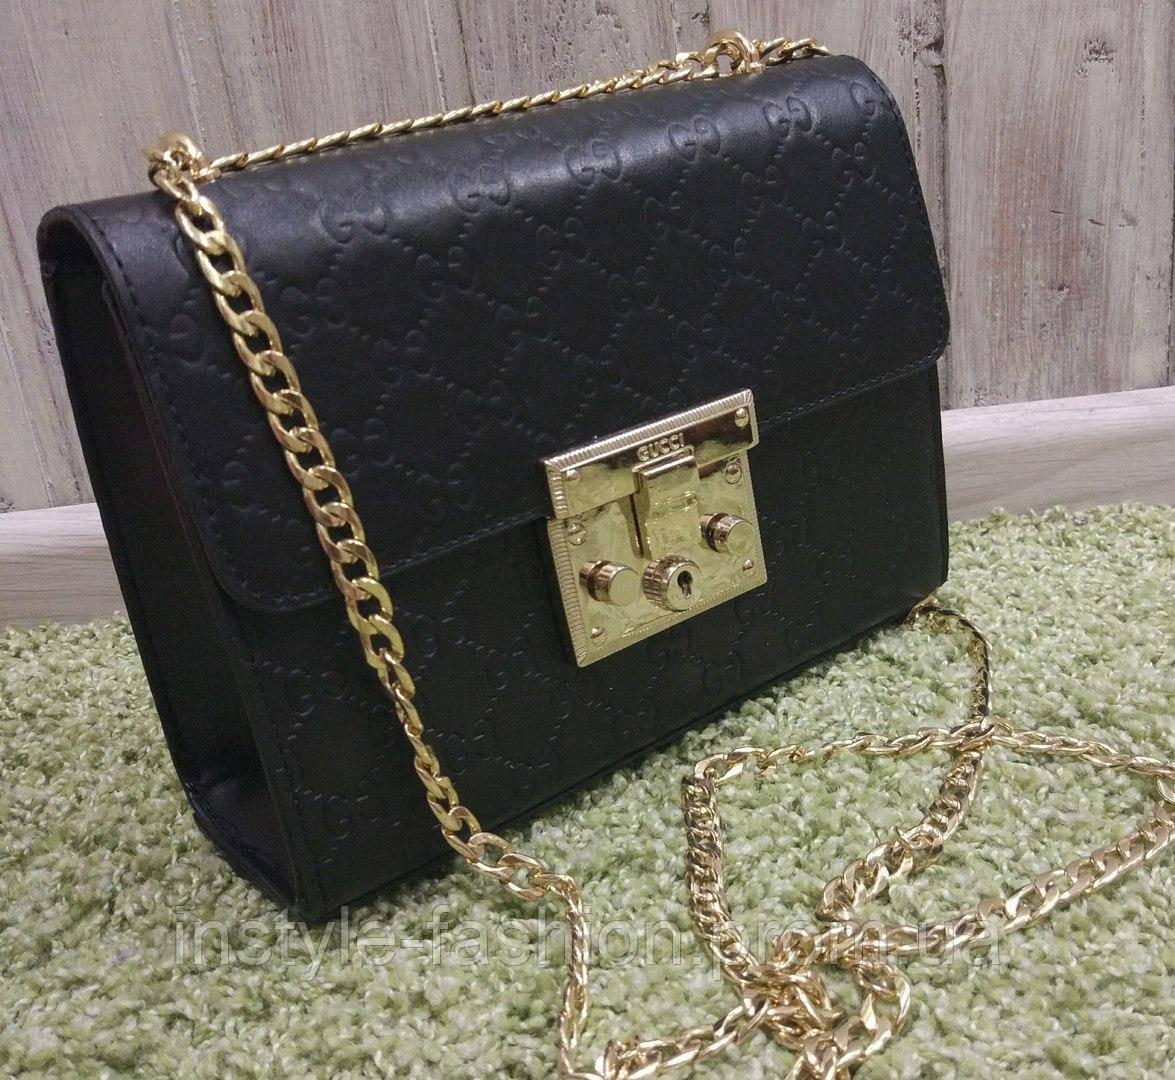 d04c774e7753 Сумка клатч через плечо Gucci Гуччи на цепочке черная - Сумки брендовые,  кошельки, очки